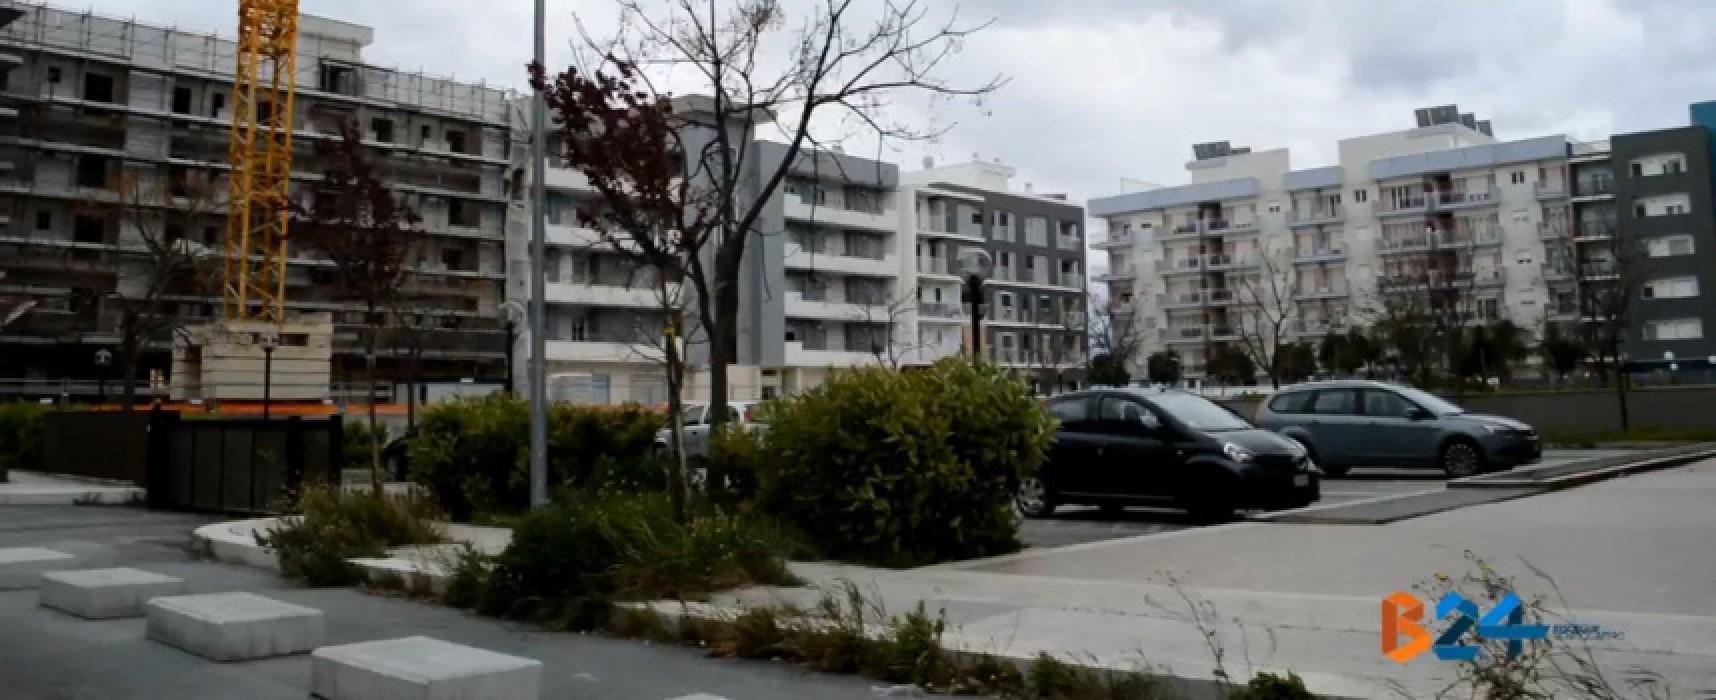 Zona 167, parte la raccolta firme per la costituzione di un comitato di quartiere